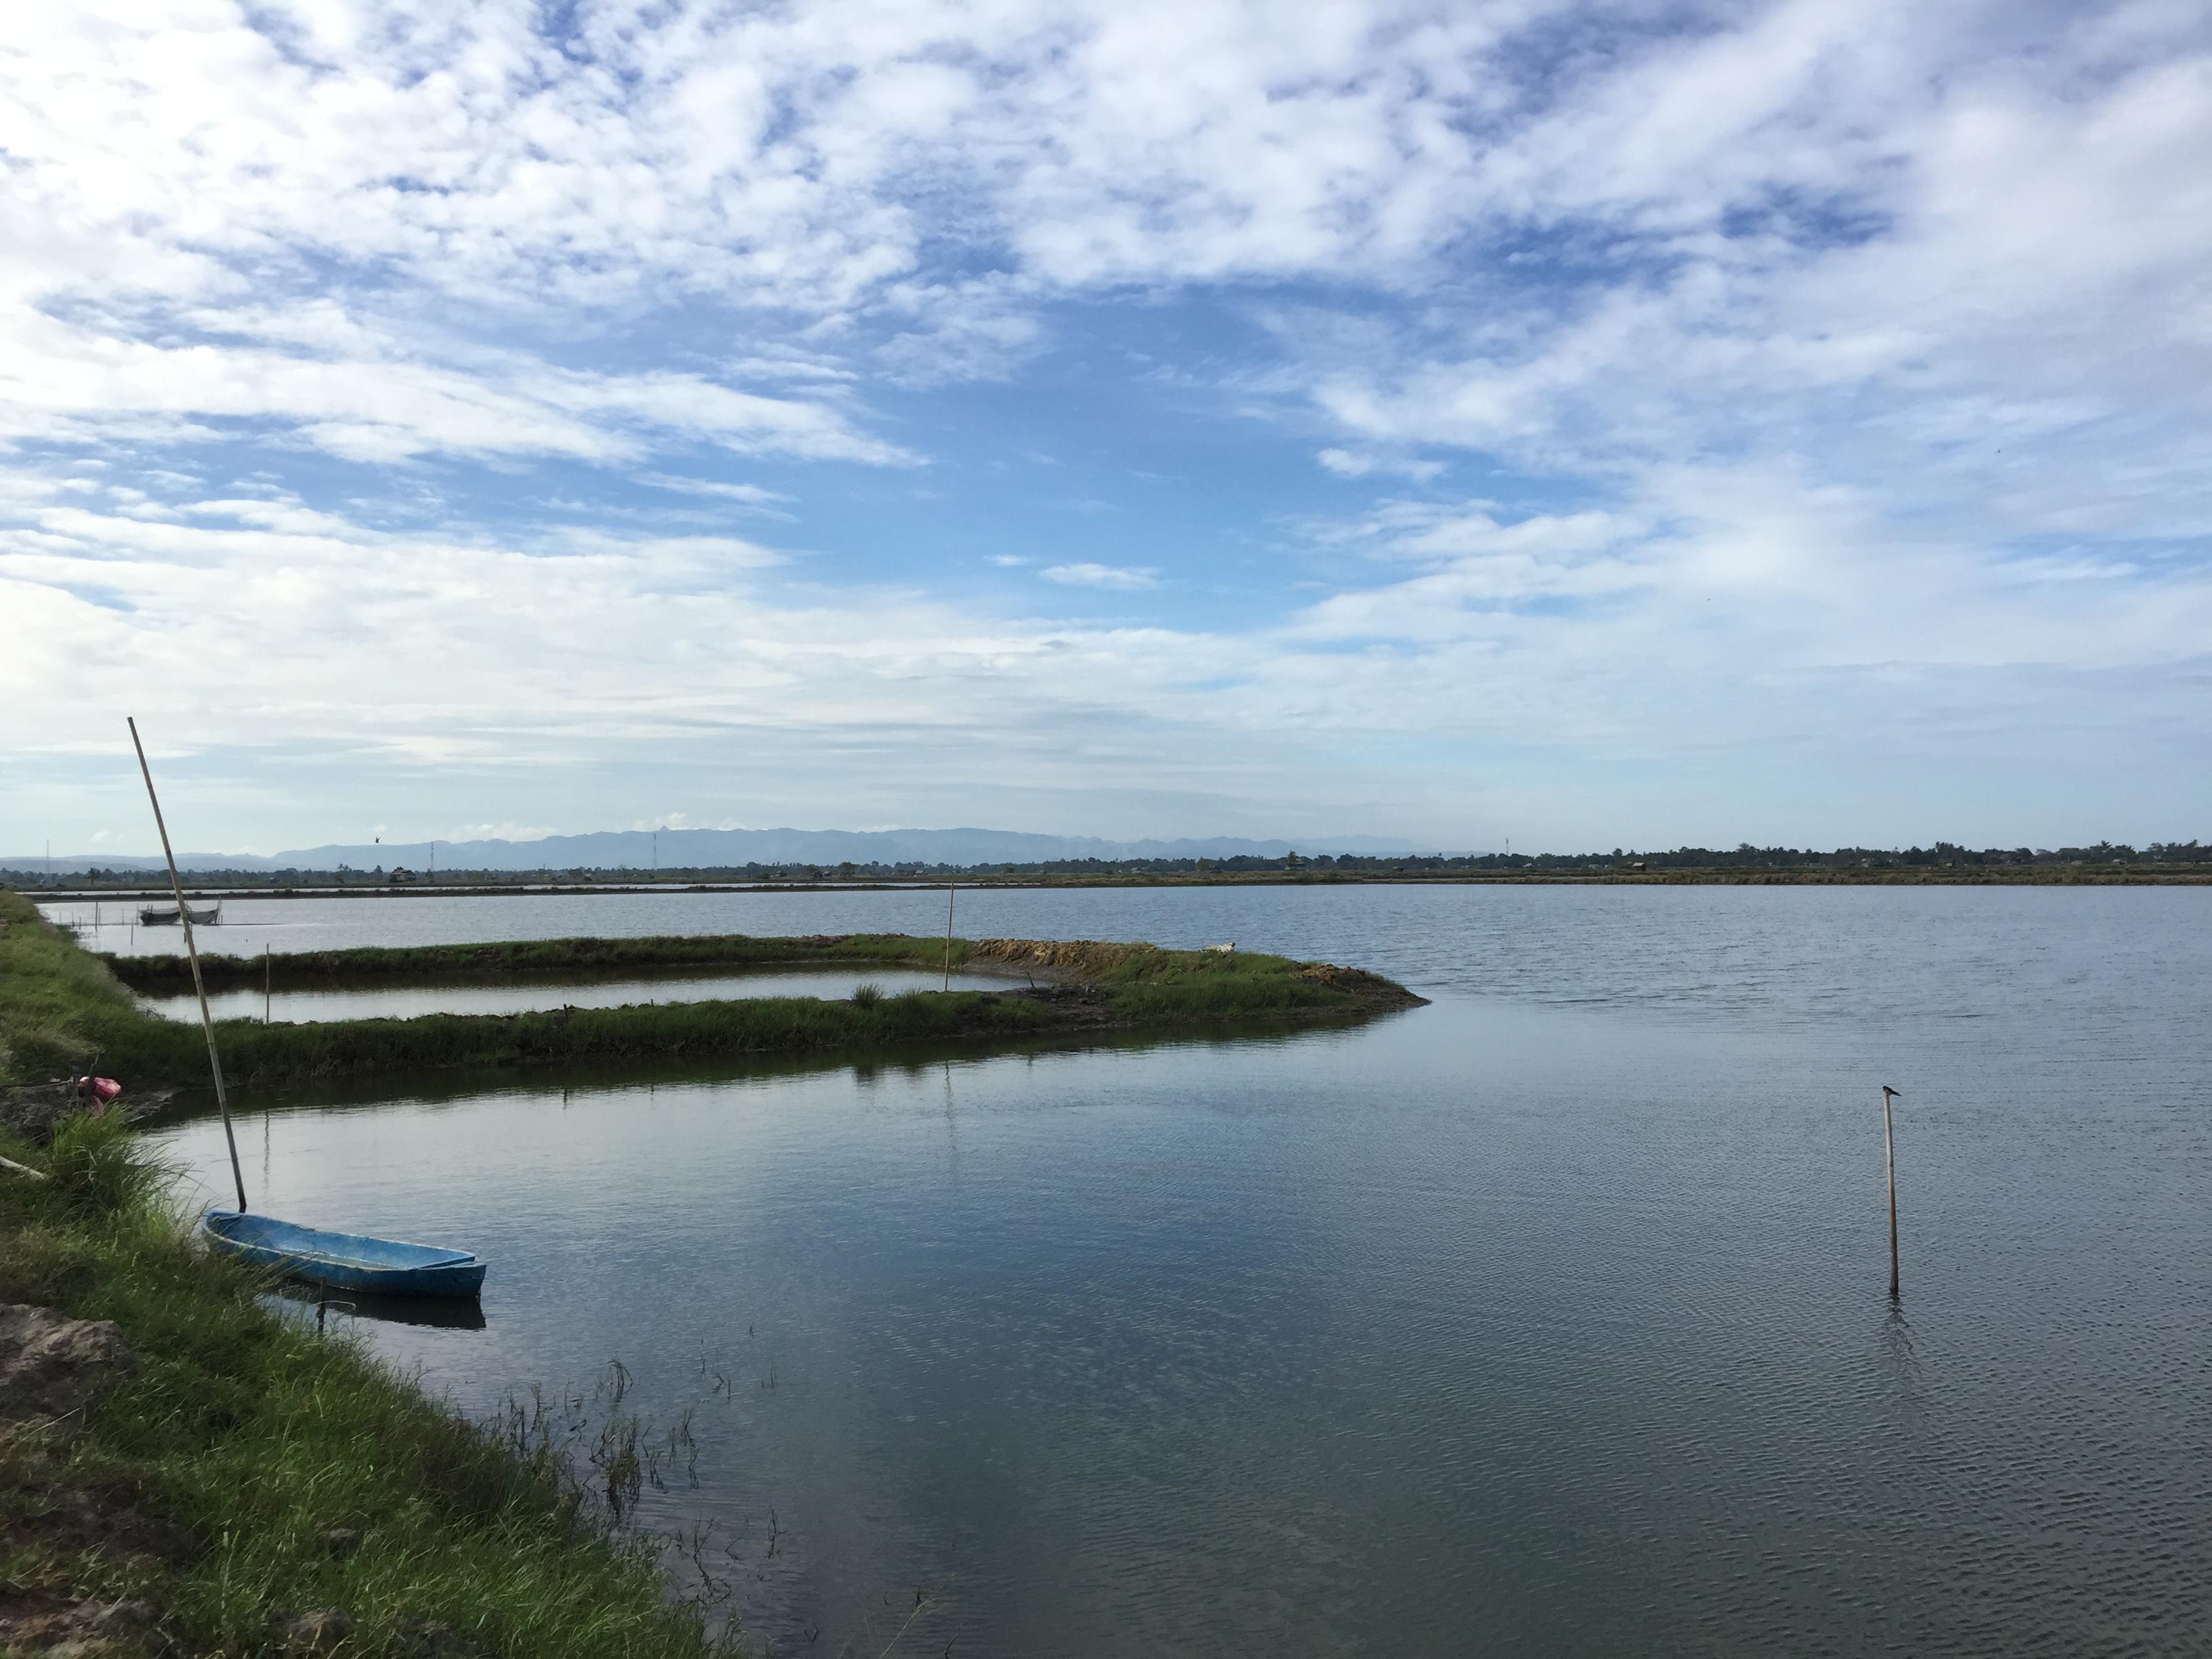 スラウェシ州マカッサルから車で3時間ほど北上したピンラン県沿岸部に広がる養殖池